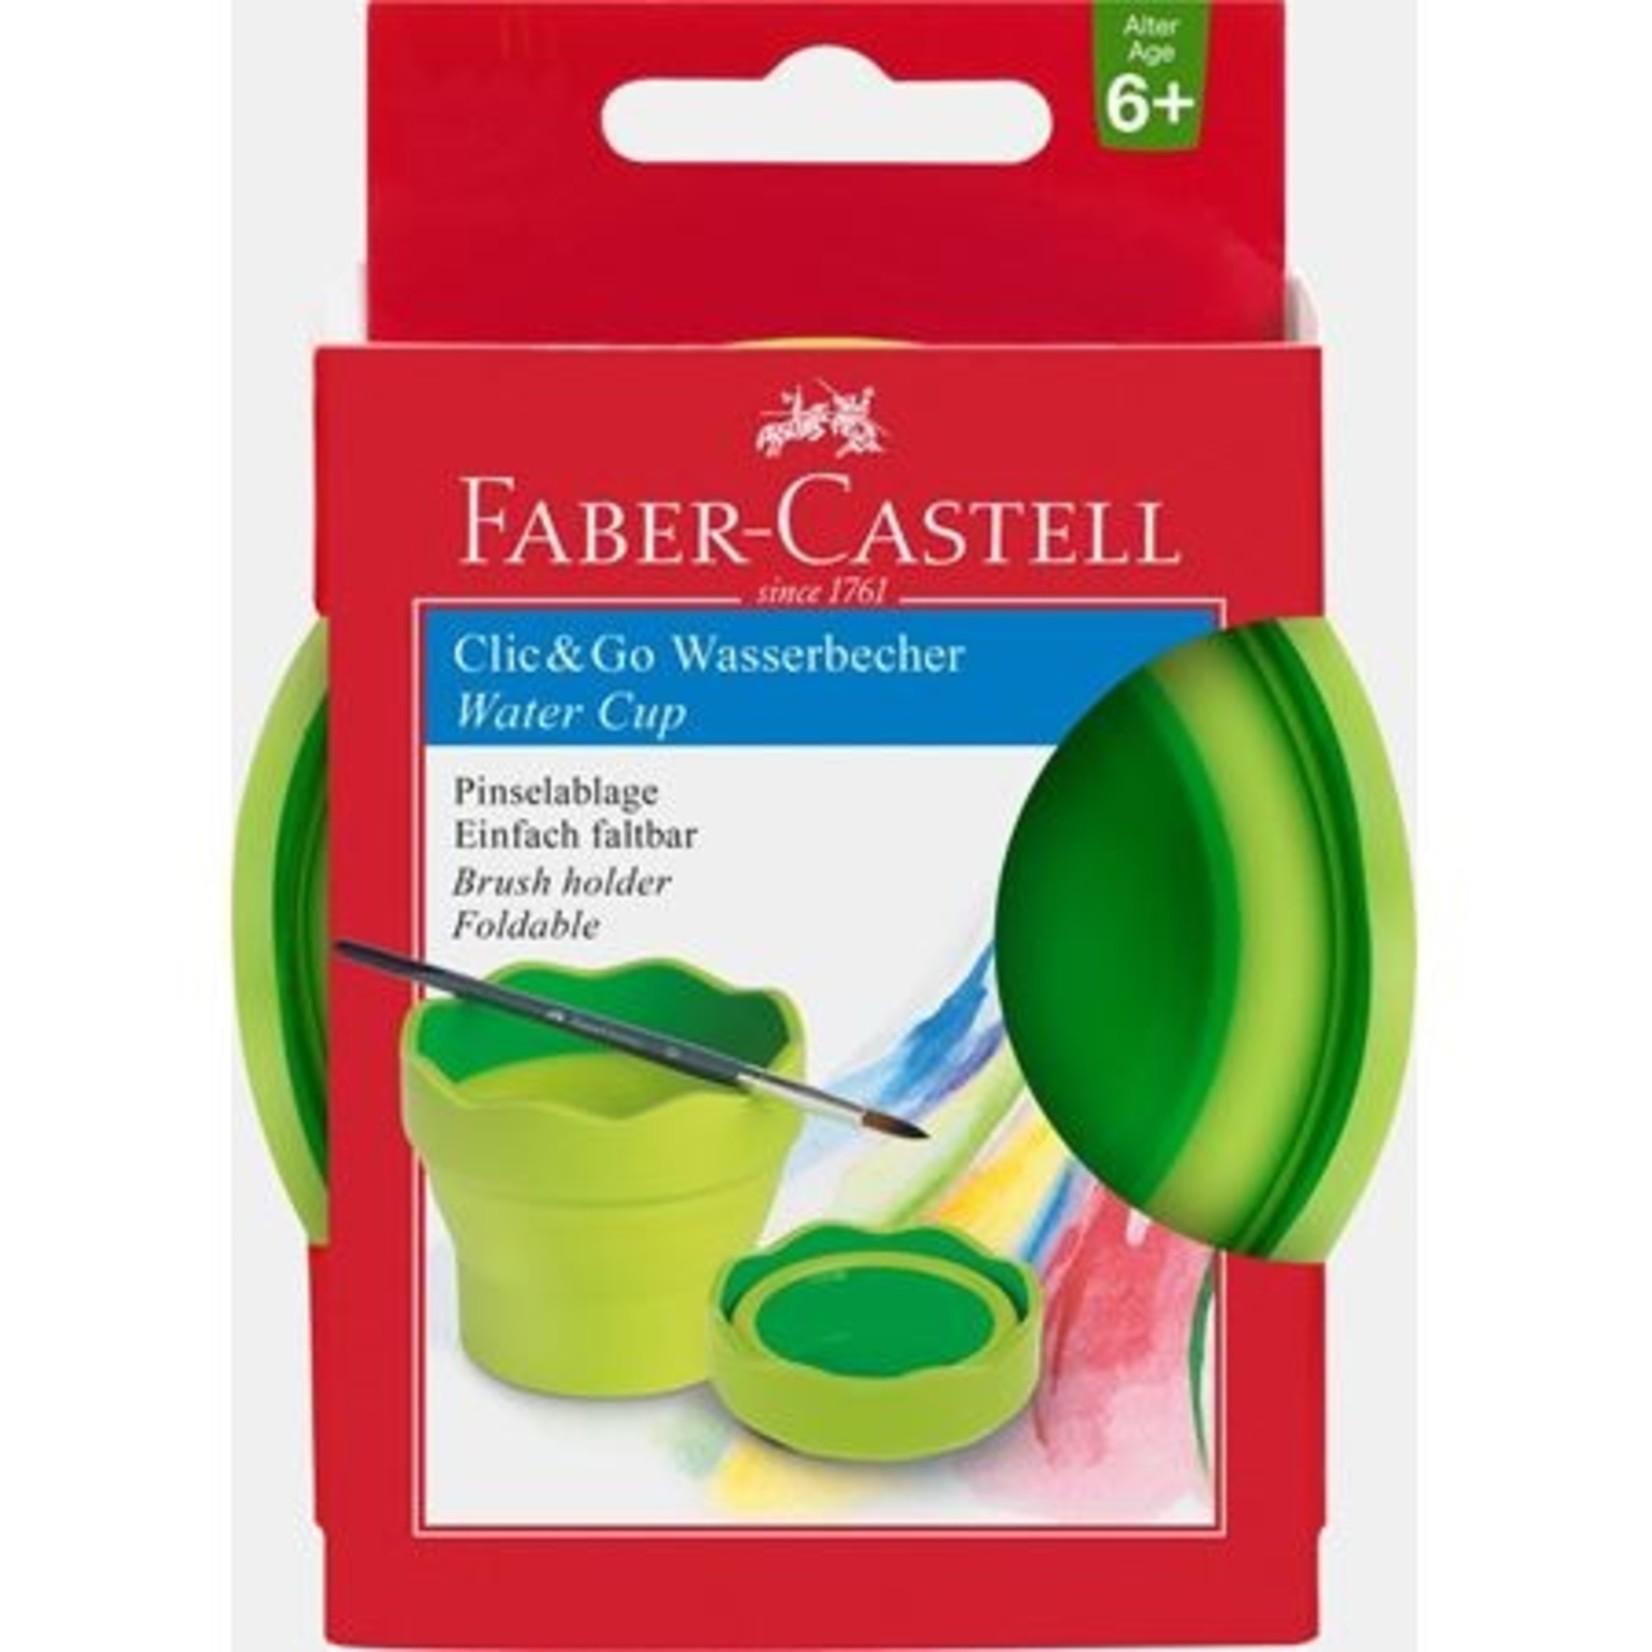 Faber-Castell CLIC&GO Wasserbecher hellgrün